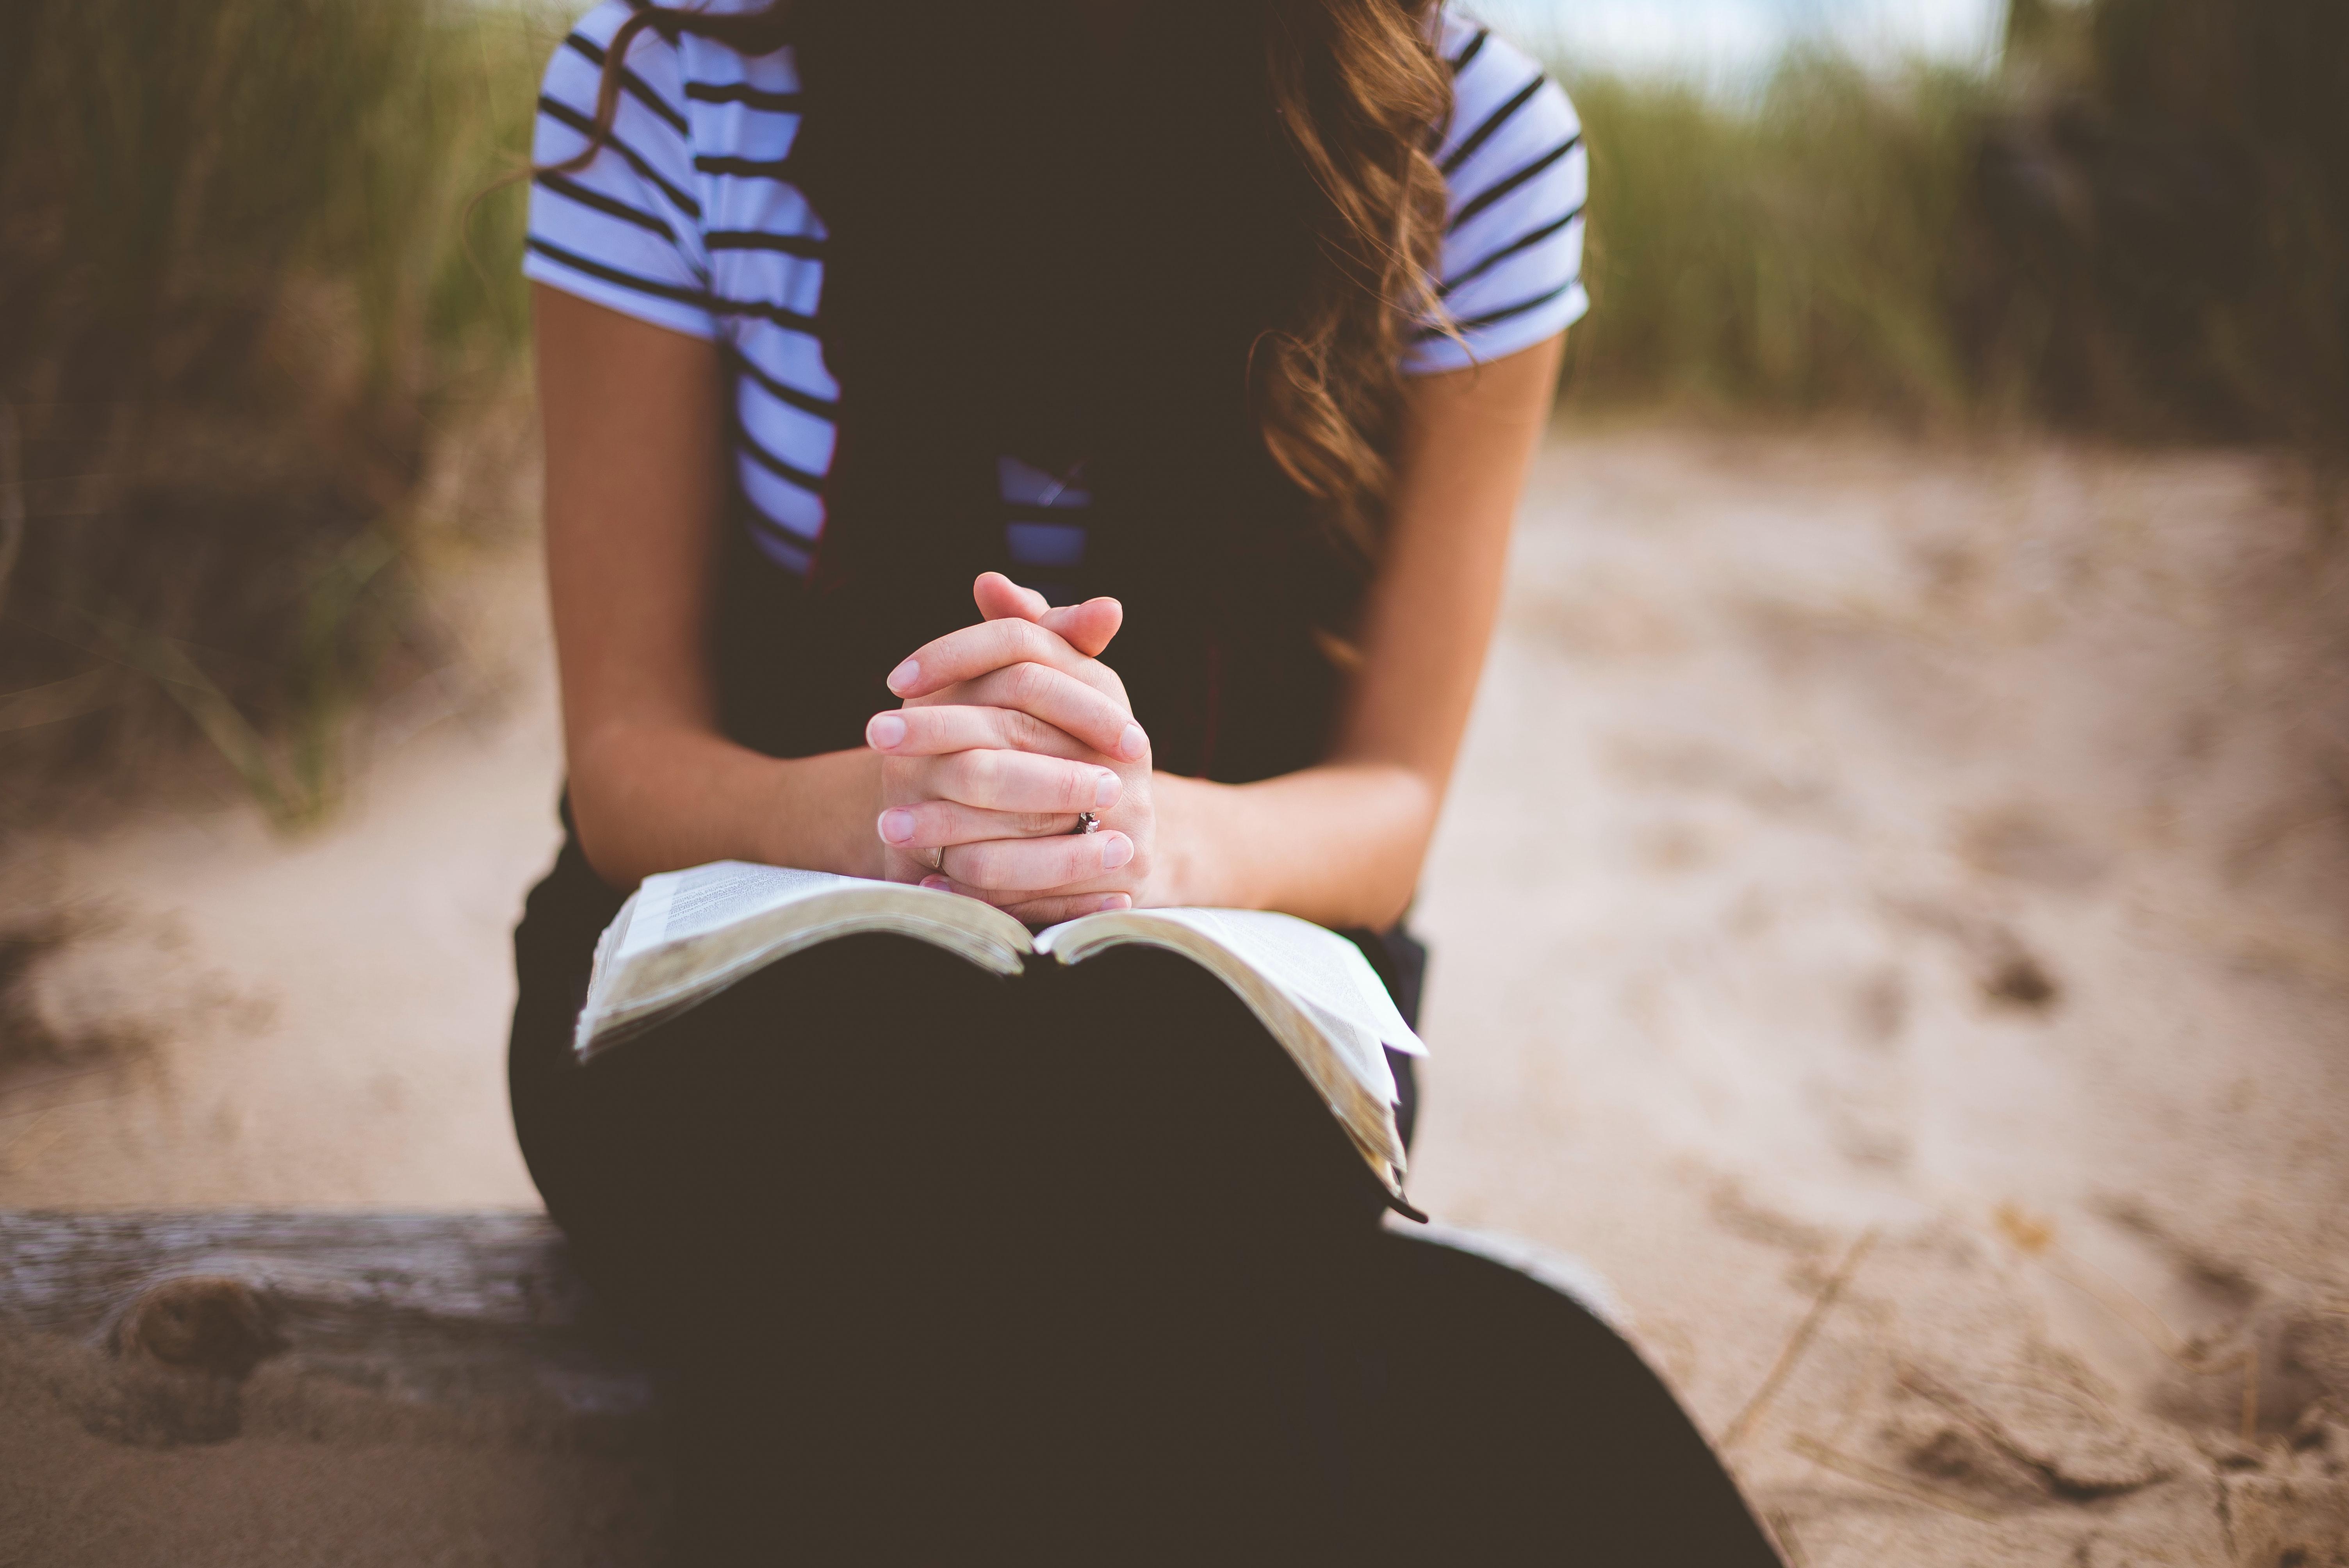 praying, unsplash